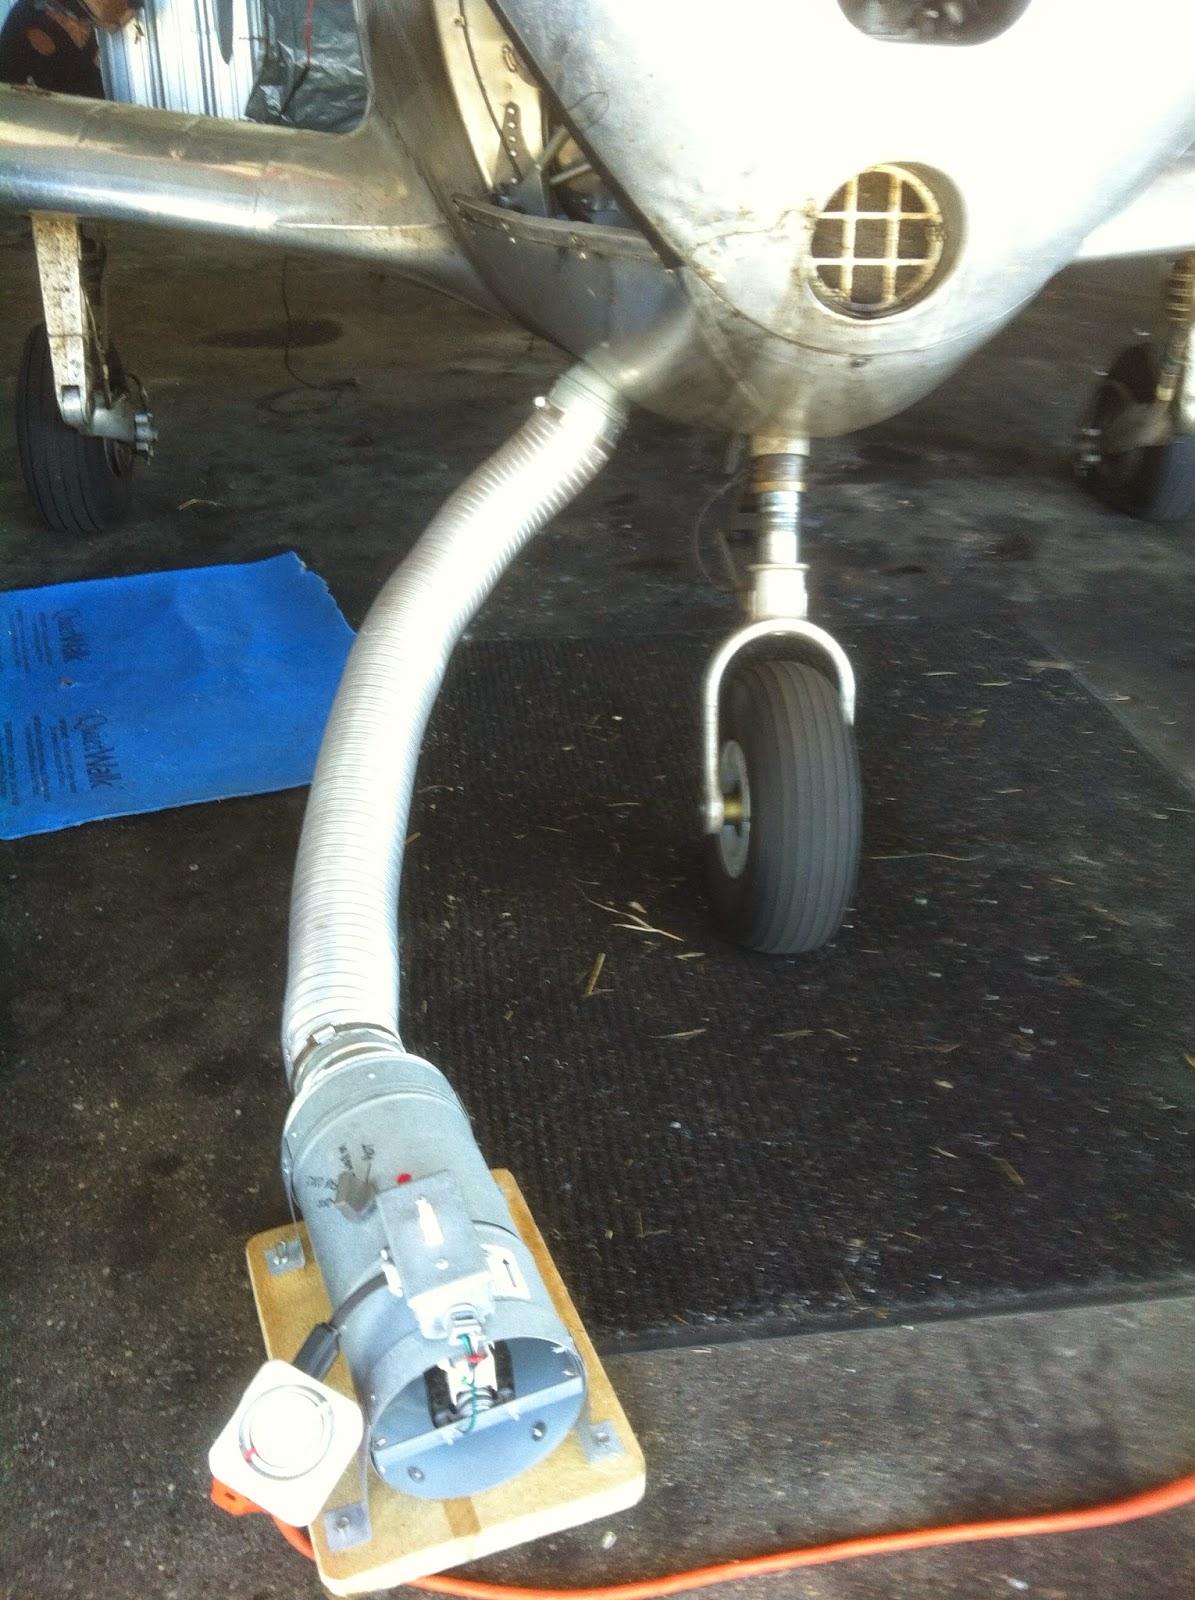 Raa Aircraft Project Tour To North Dakota